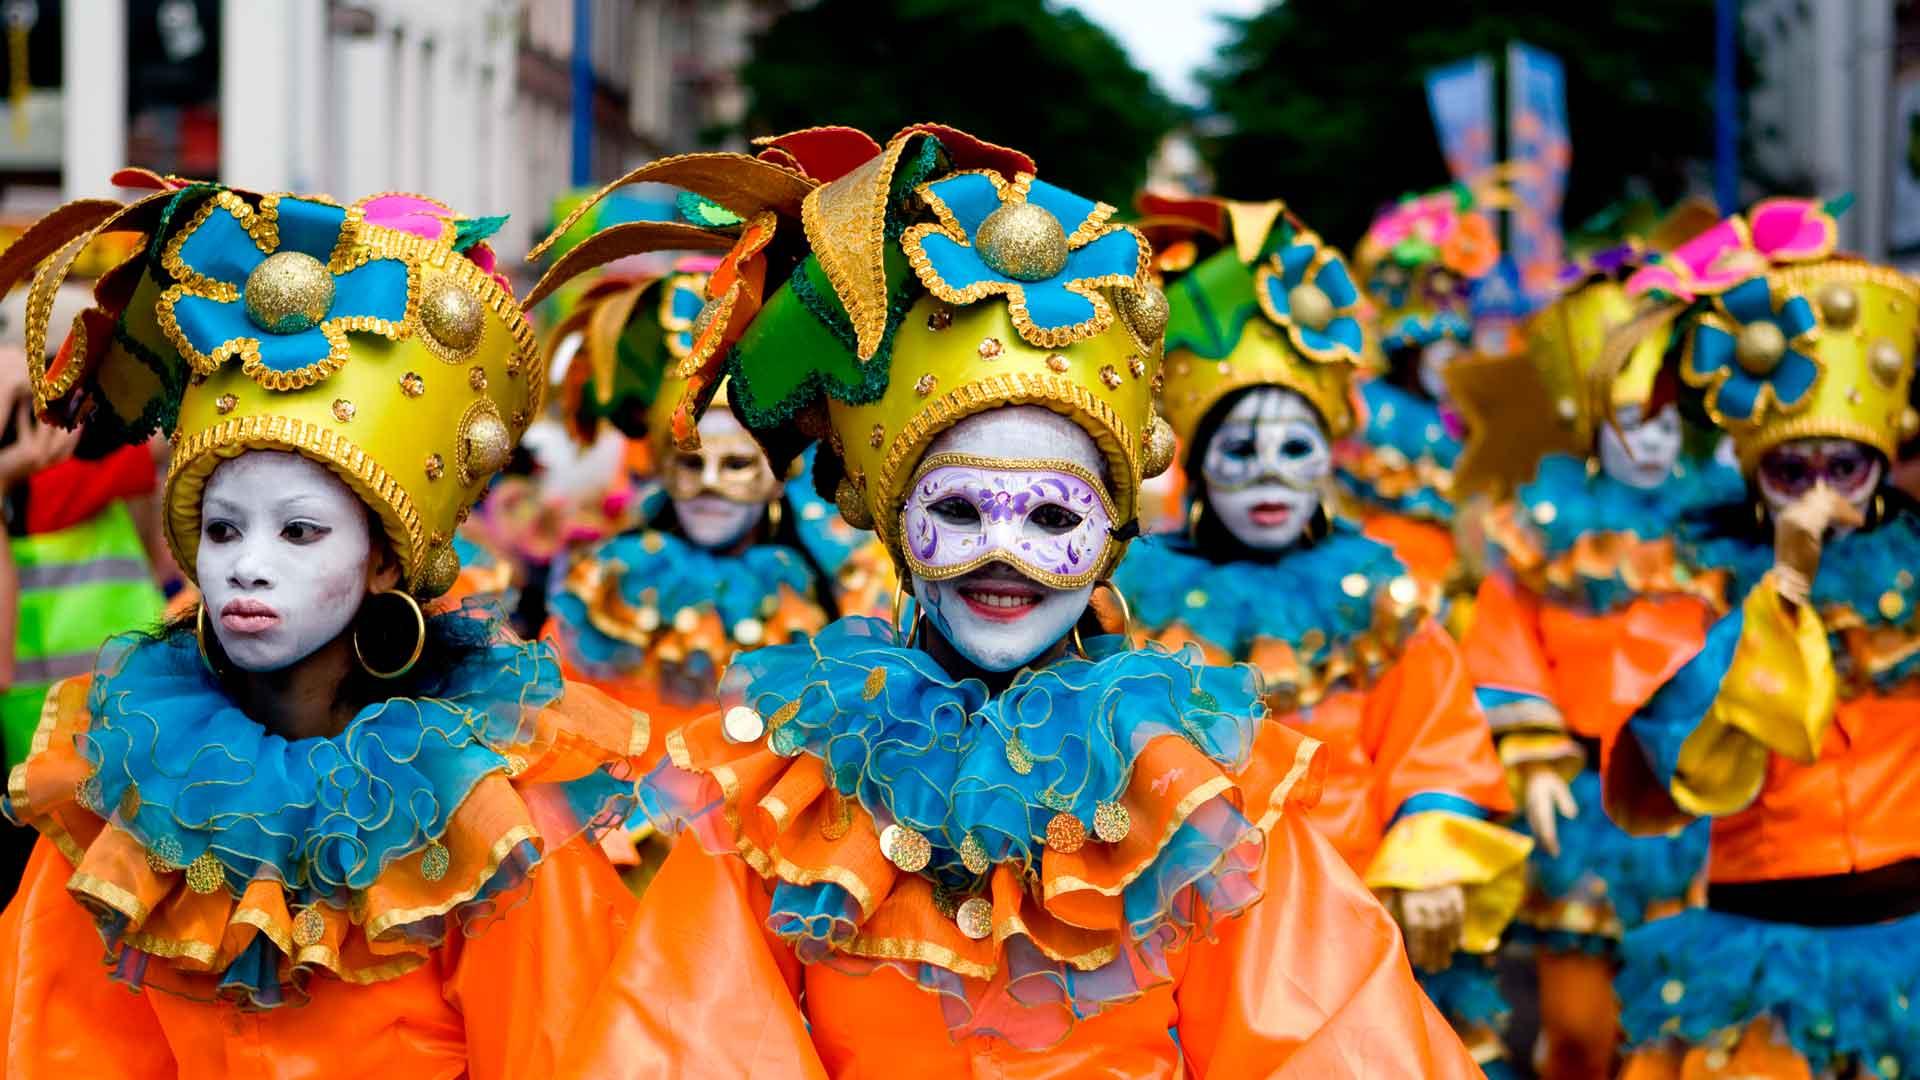 Carnavales en México y algunos datos curiosos